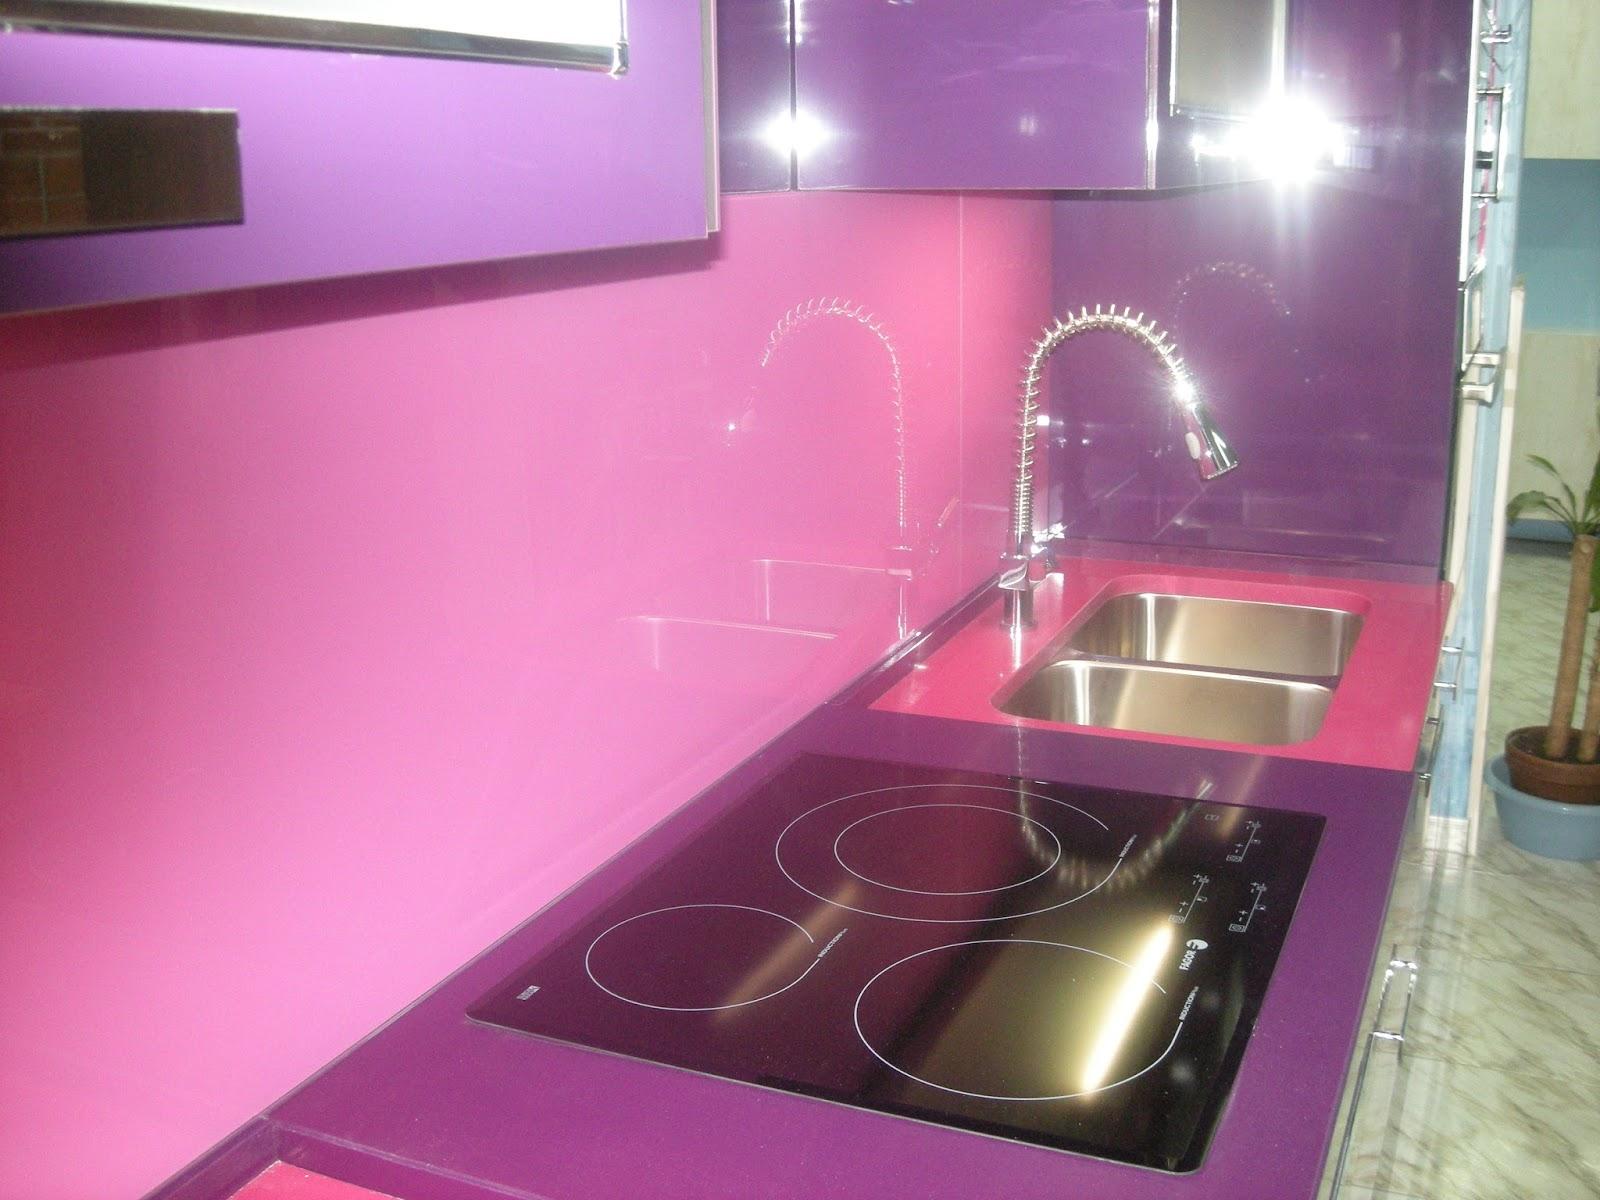 Plathoo dise o de cocinas y ba os 3d cocinas para - Diseno de cocinas y banos ...